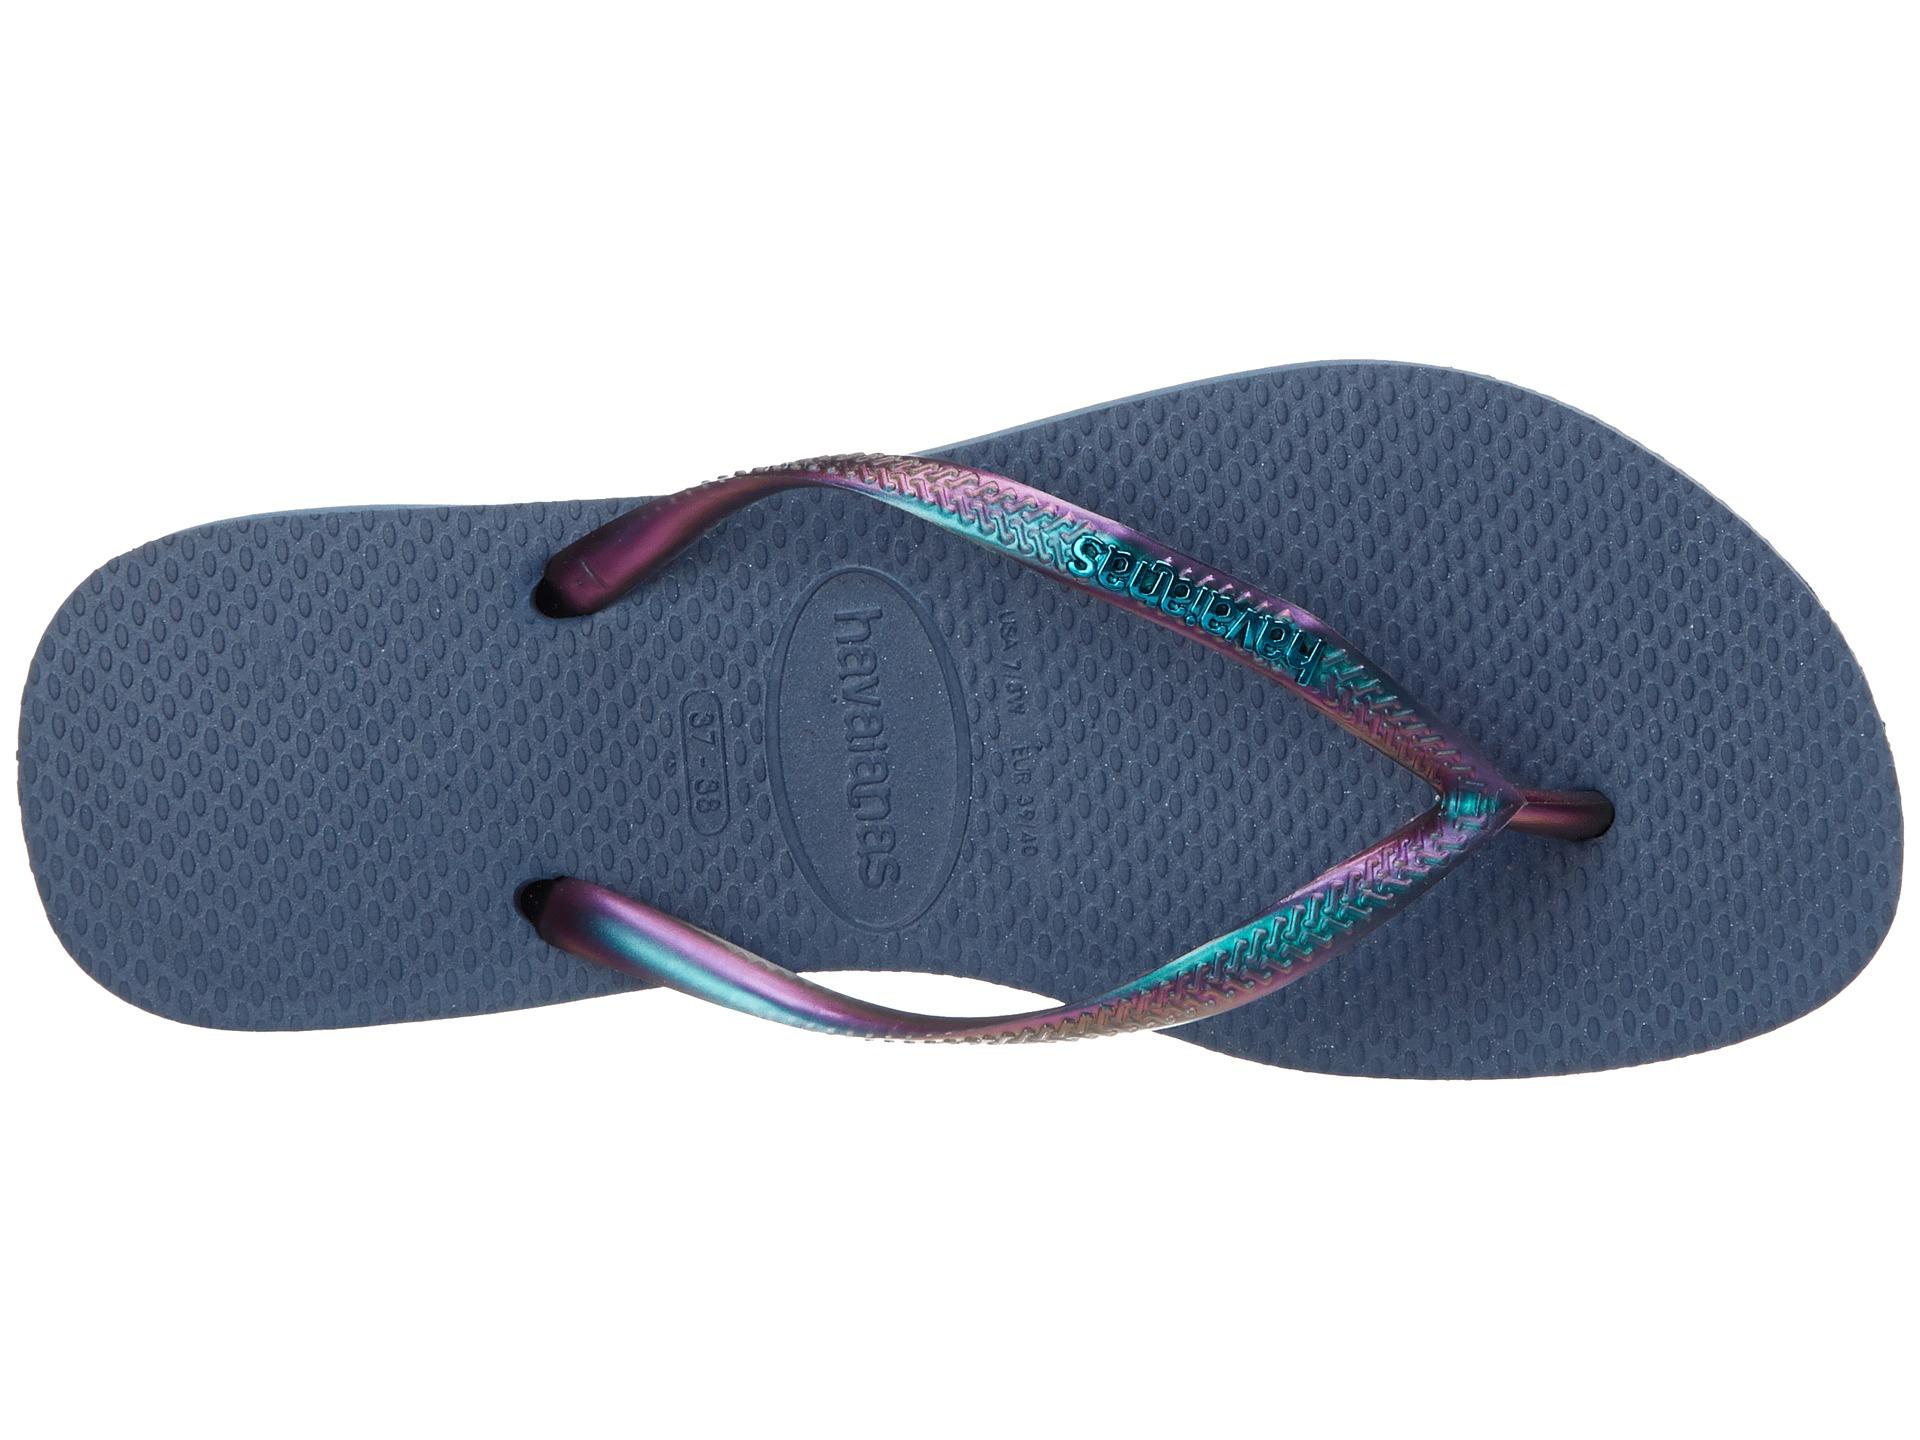 3121d442e Lyst - Havaianas Slim Furta Cor Flip Flops in Blue